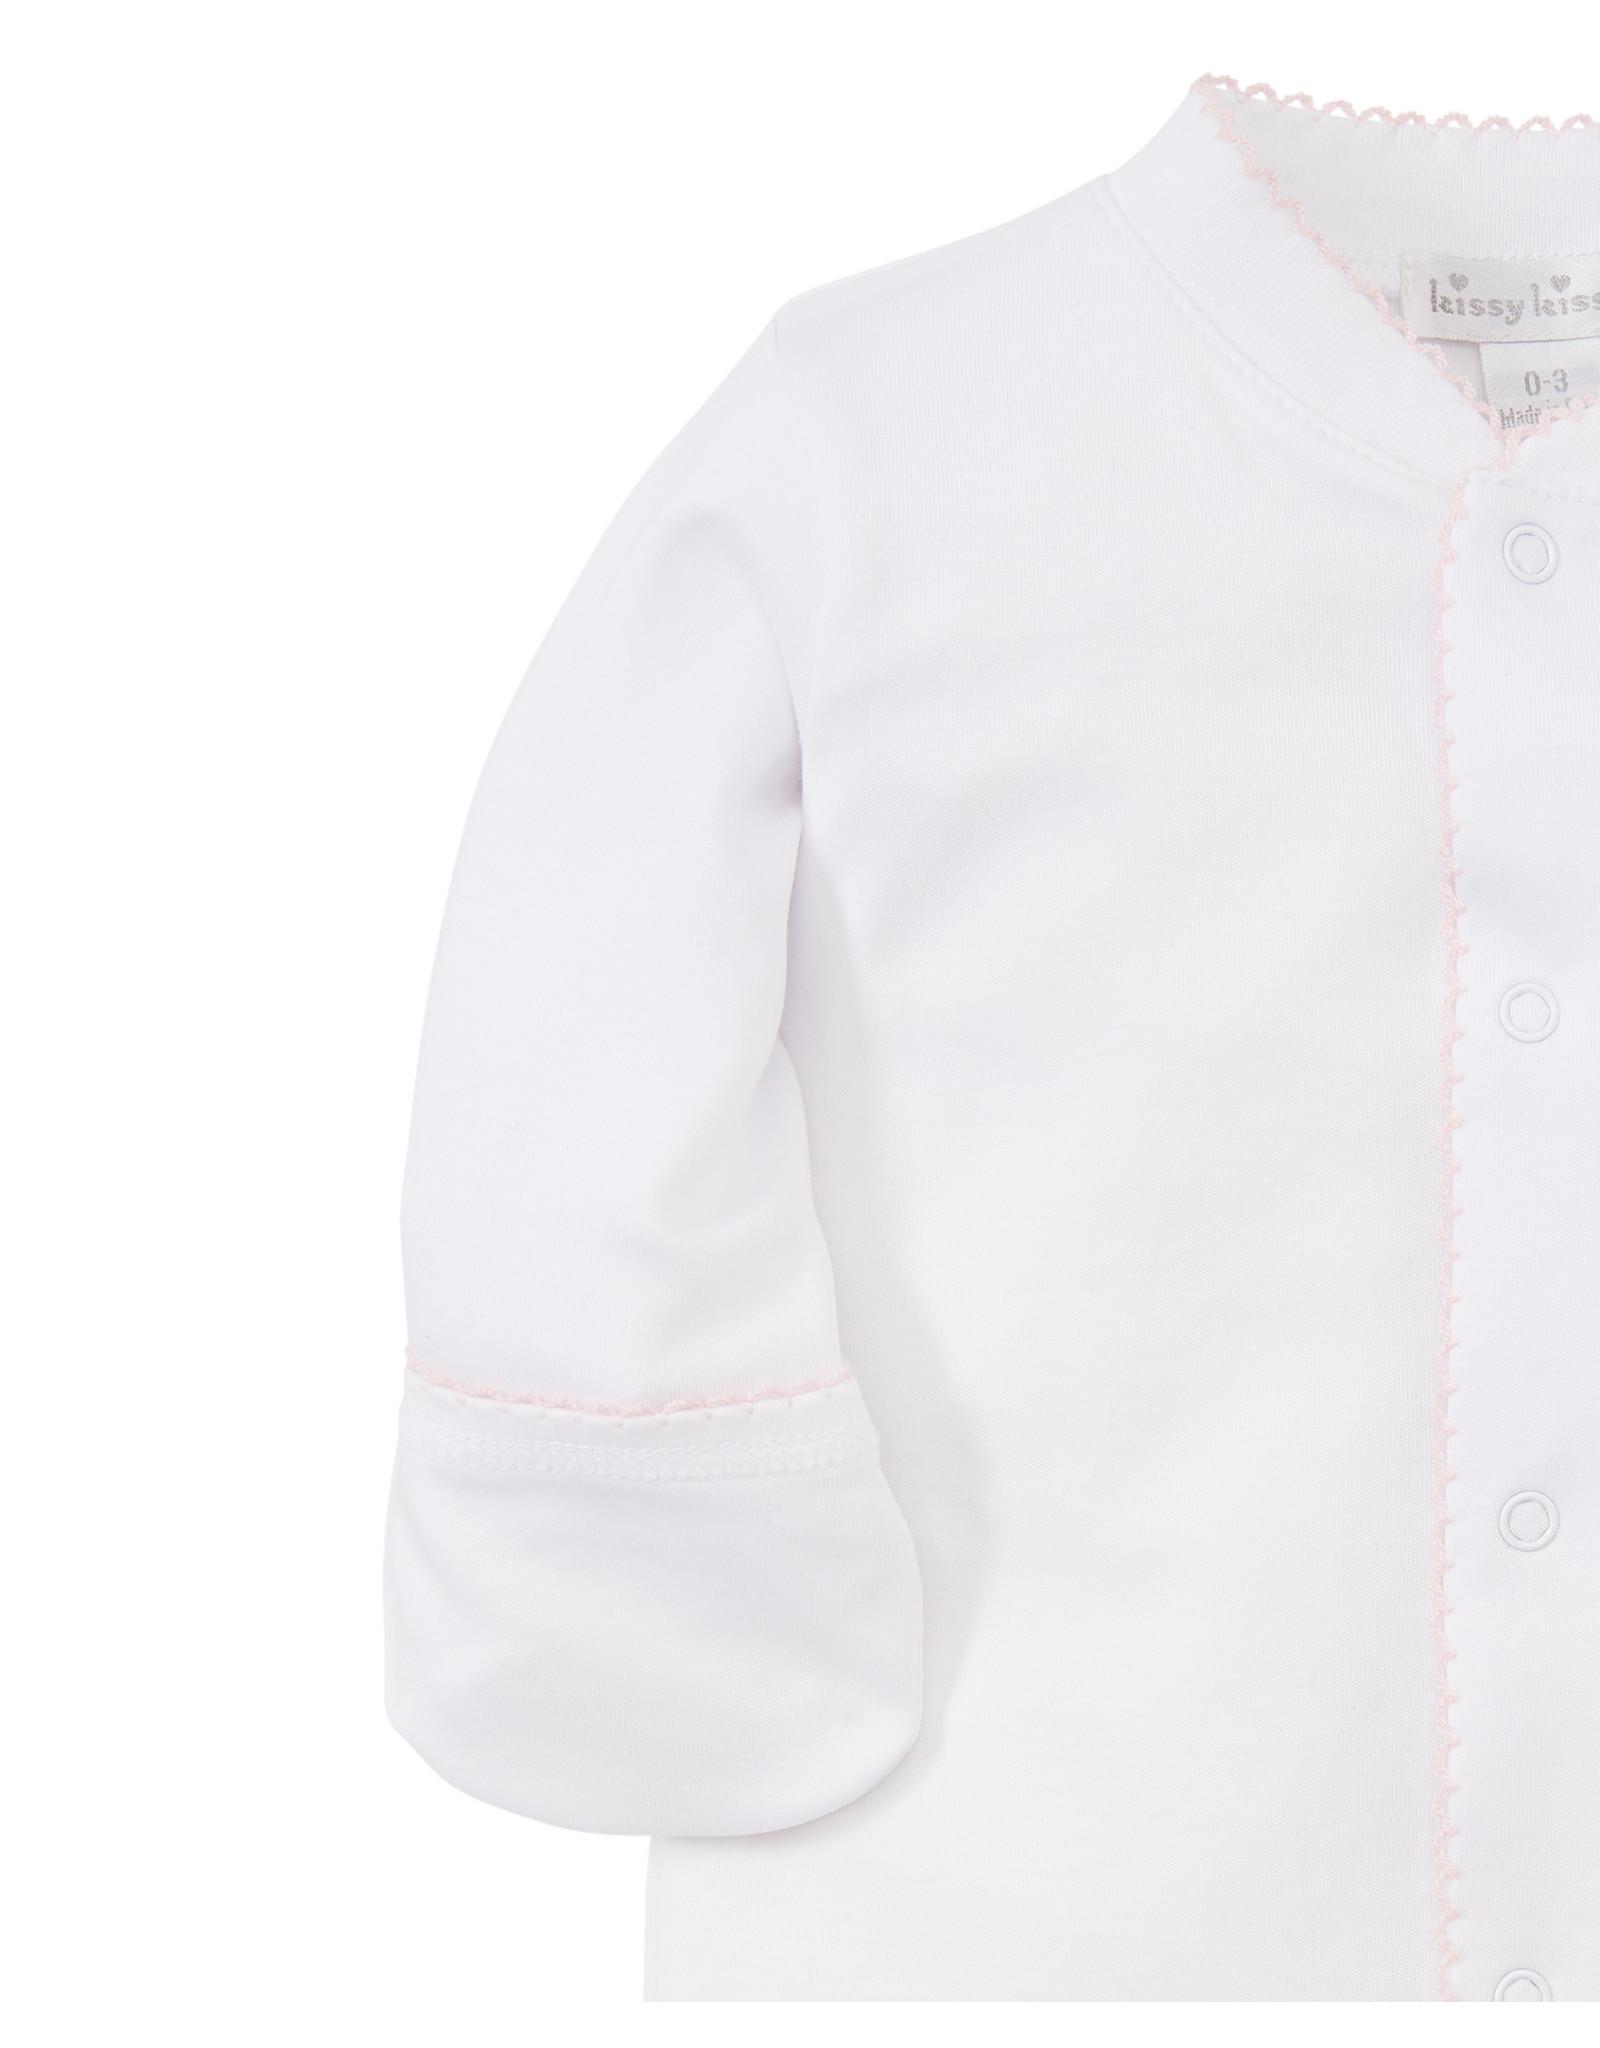 Kissy Kissy Footie White body/Pink stitching